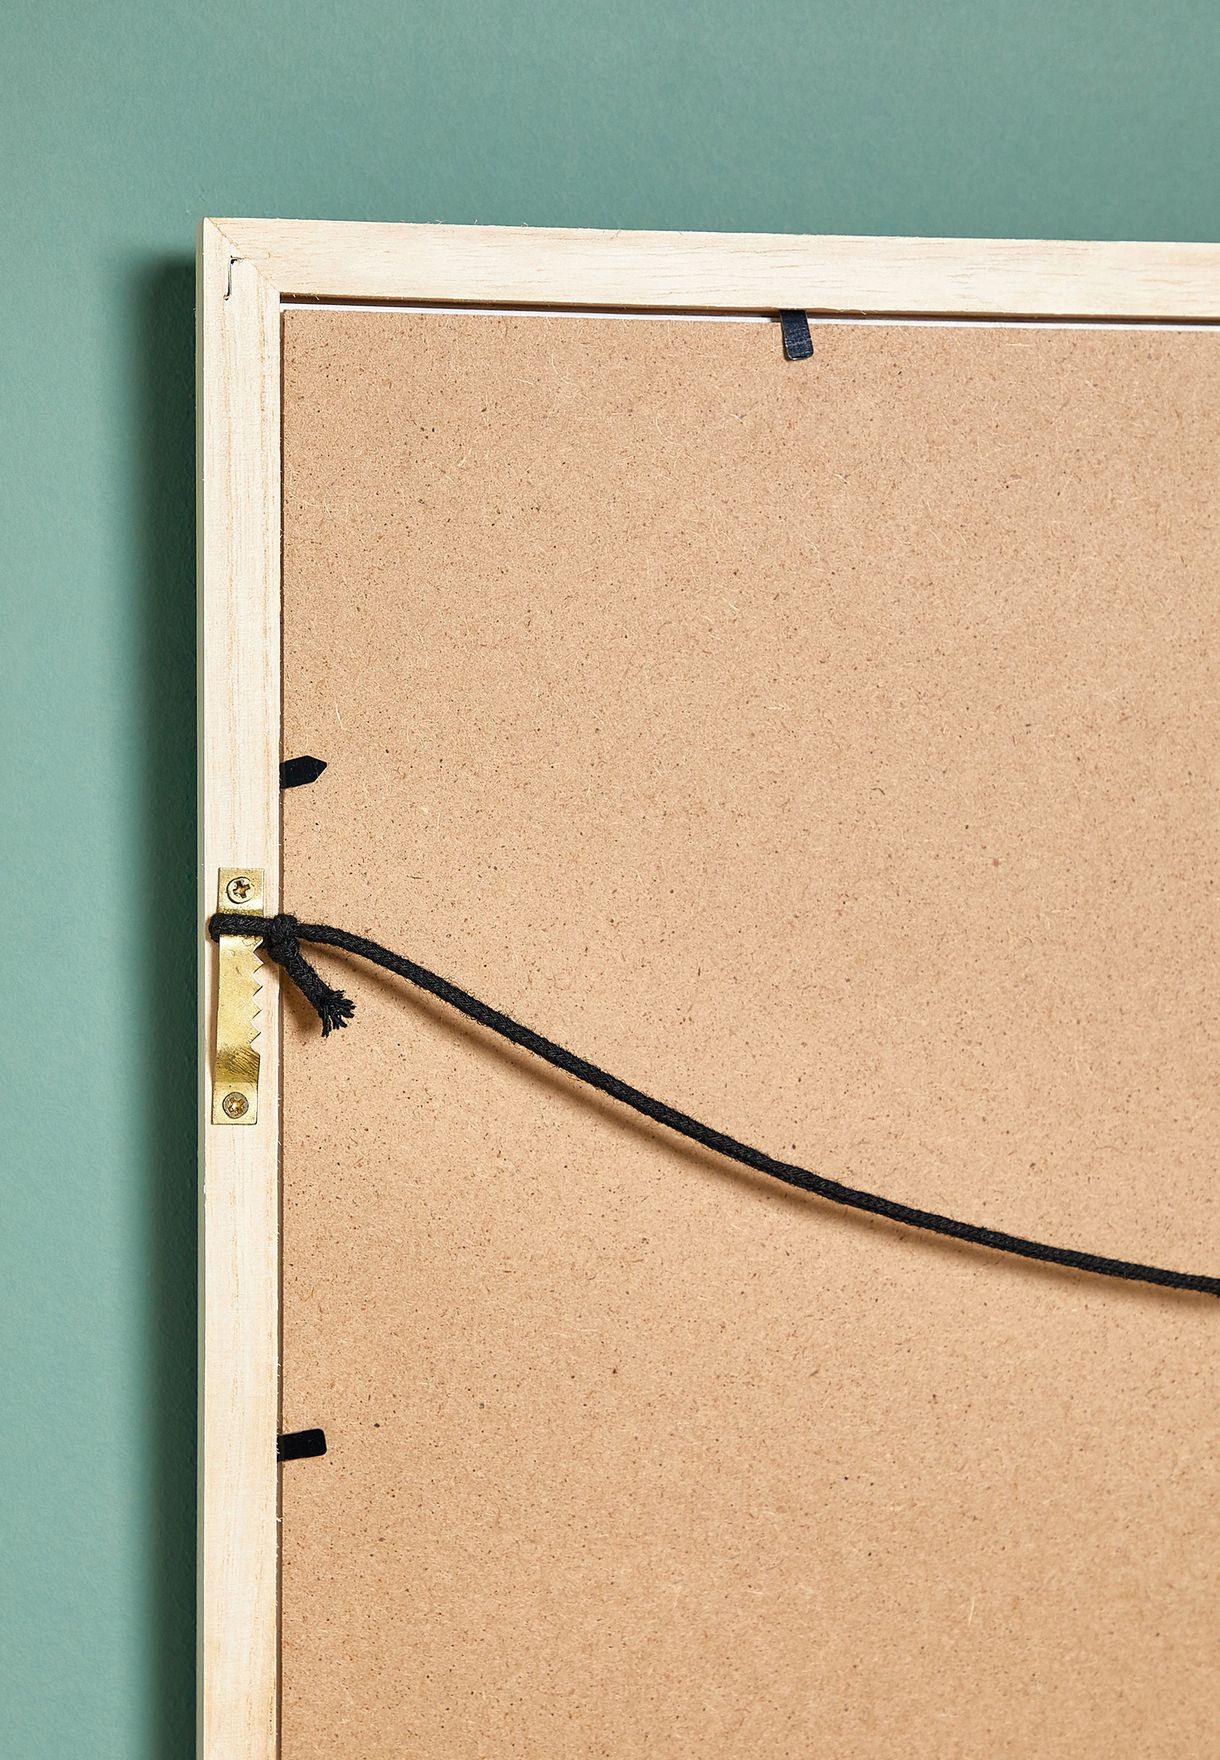 اطار خشبي بصورة ثعلب ناعس